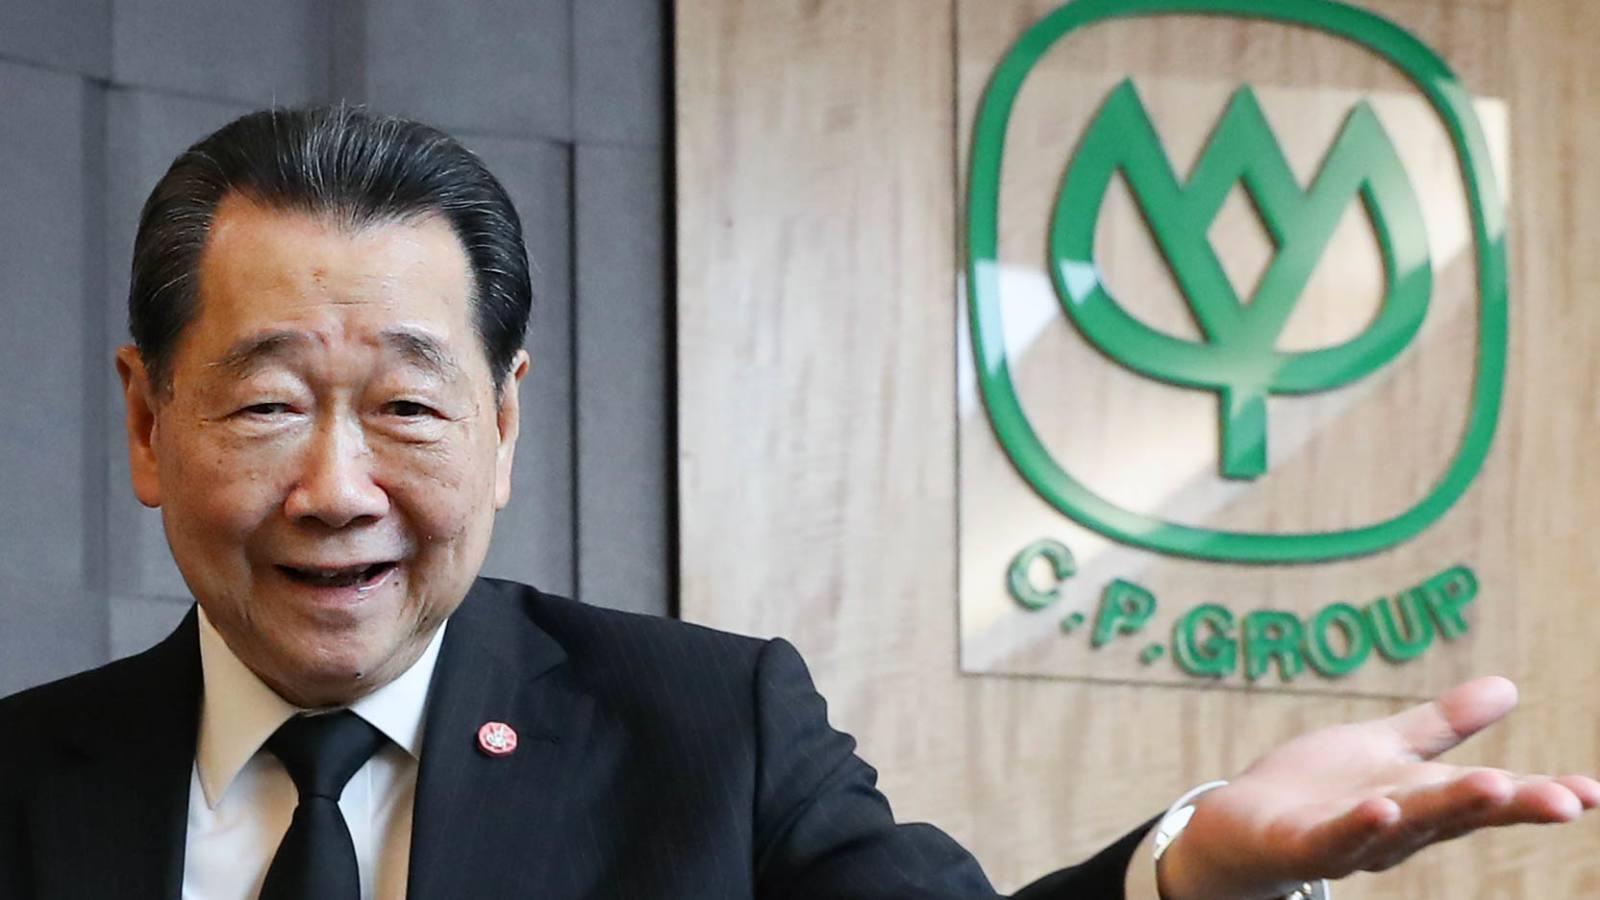 Nhiều công ty tốt nhất Việt Nam doanh thu hàng tỷ USD đang nằm trong tay người Thái, ông chủ đứng sau gồm cả hoàng gia và các tỷ phú hàng đầu châu Á - Ảnh 4.